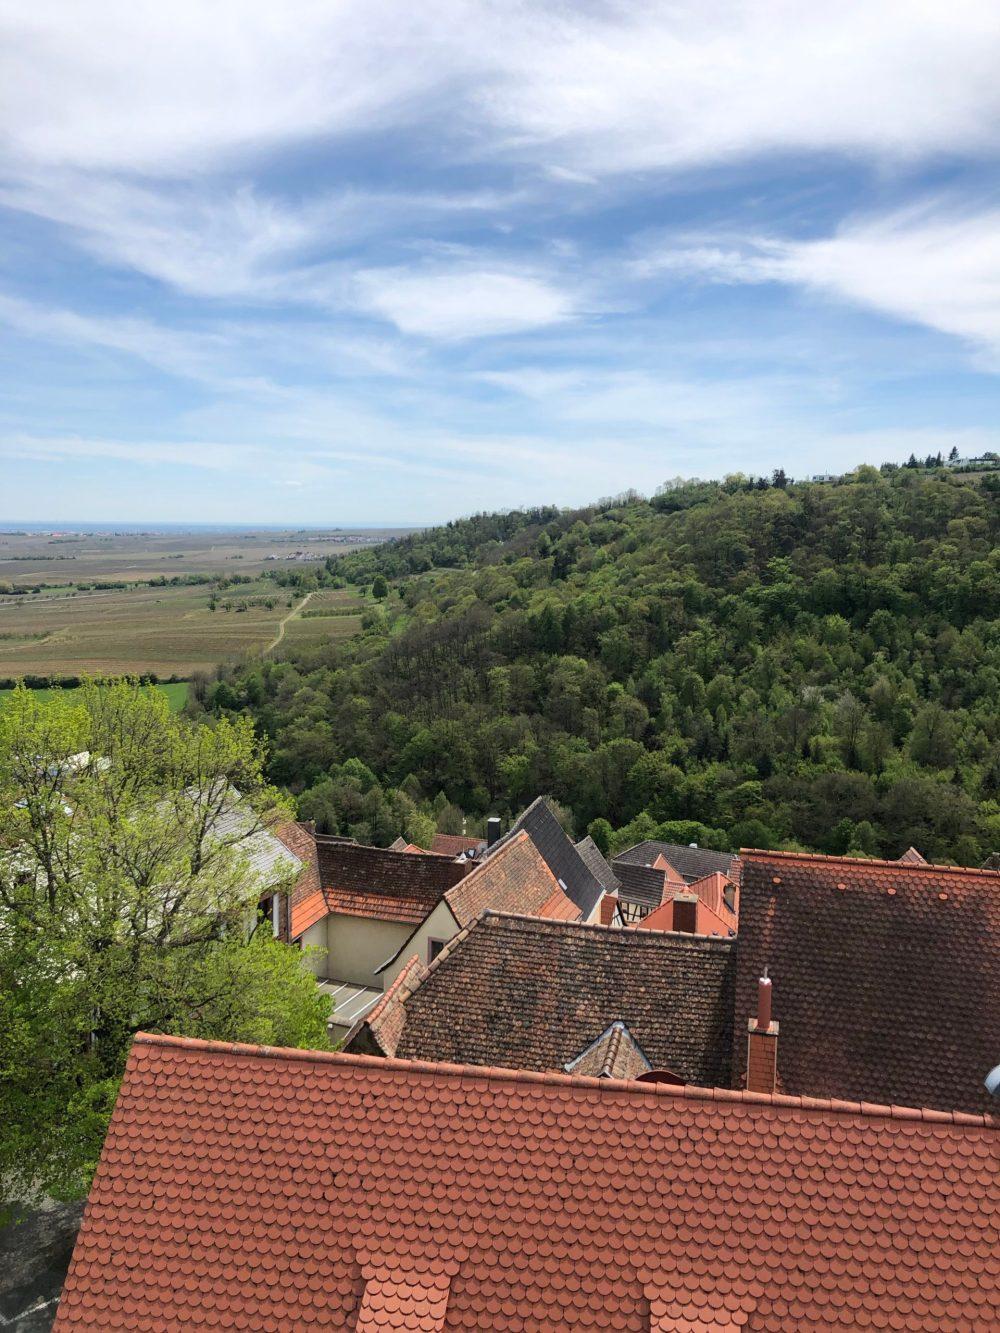 Blick über die Dächer von Neuleiningen